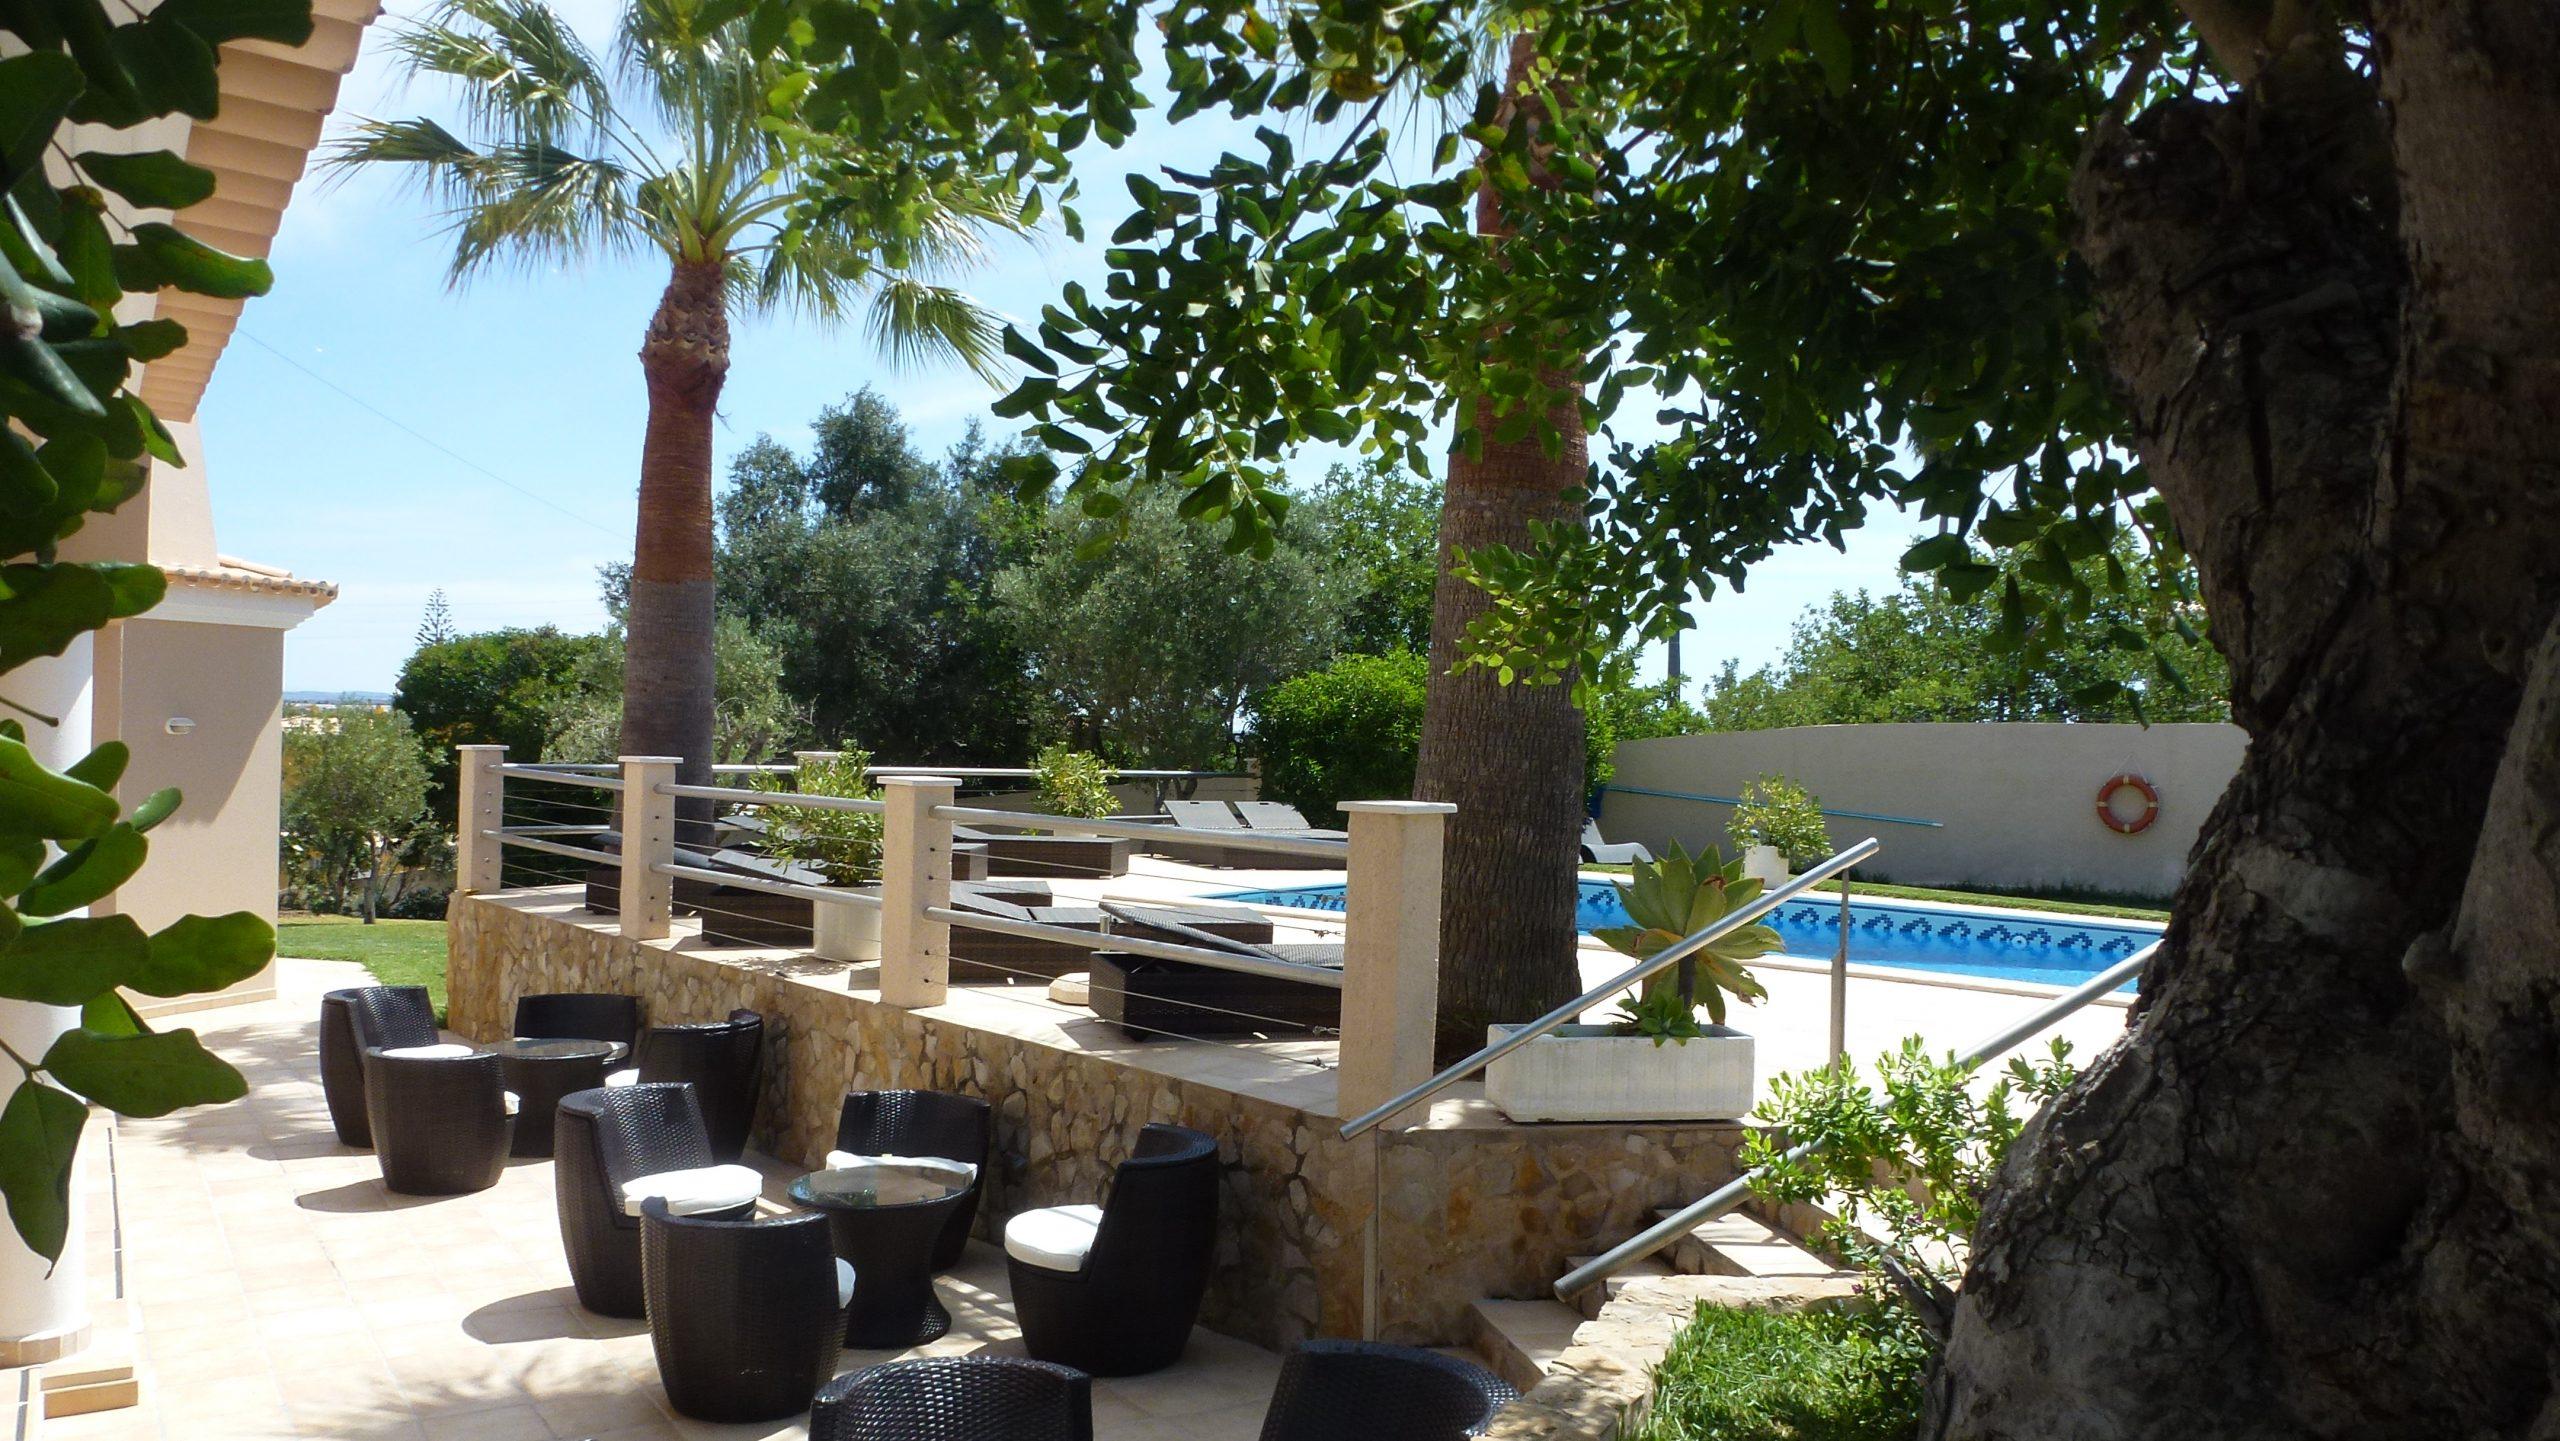 Holiday apartments and villas for rent, Villa L'Estaque , chambres d'hôtes in Armação de Pêra, Portugal Algarve, REF_IMG_15648_15665